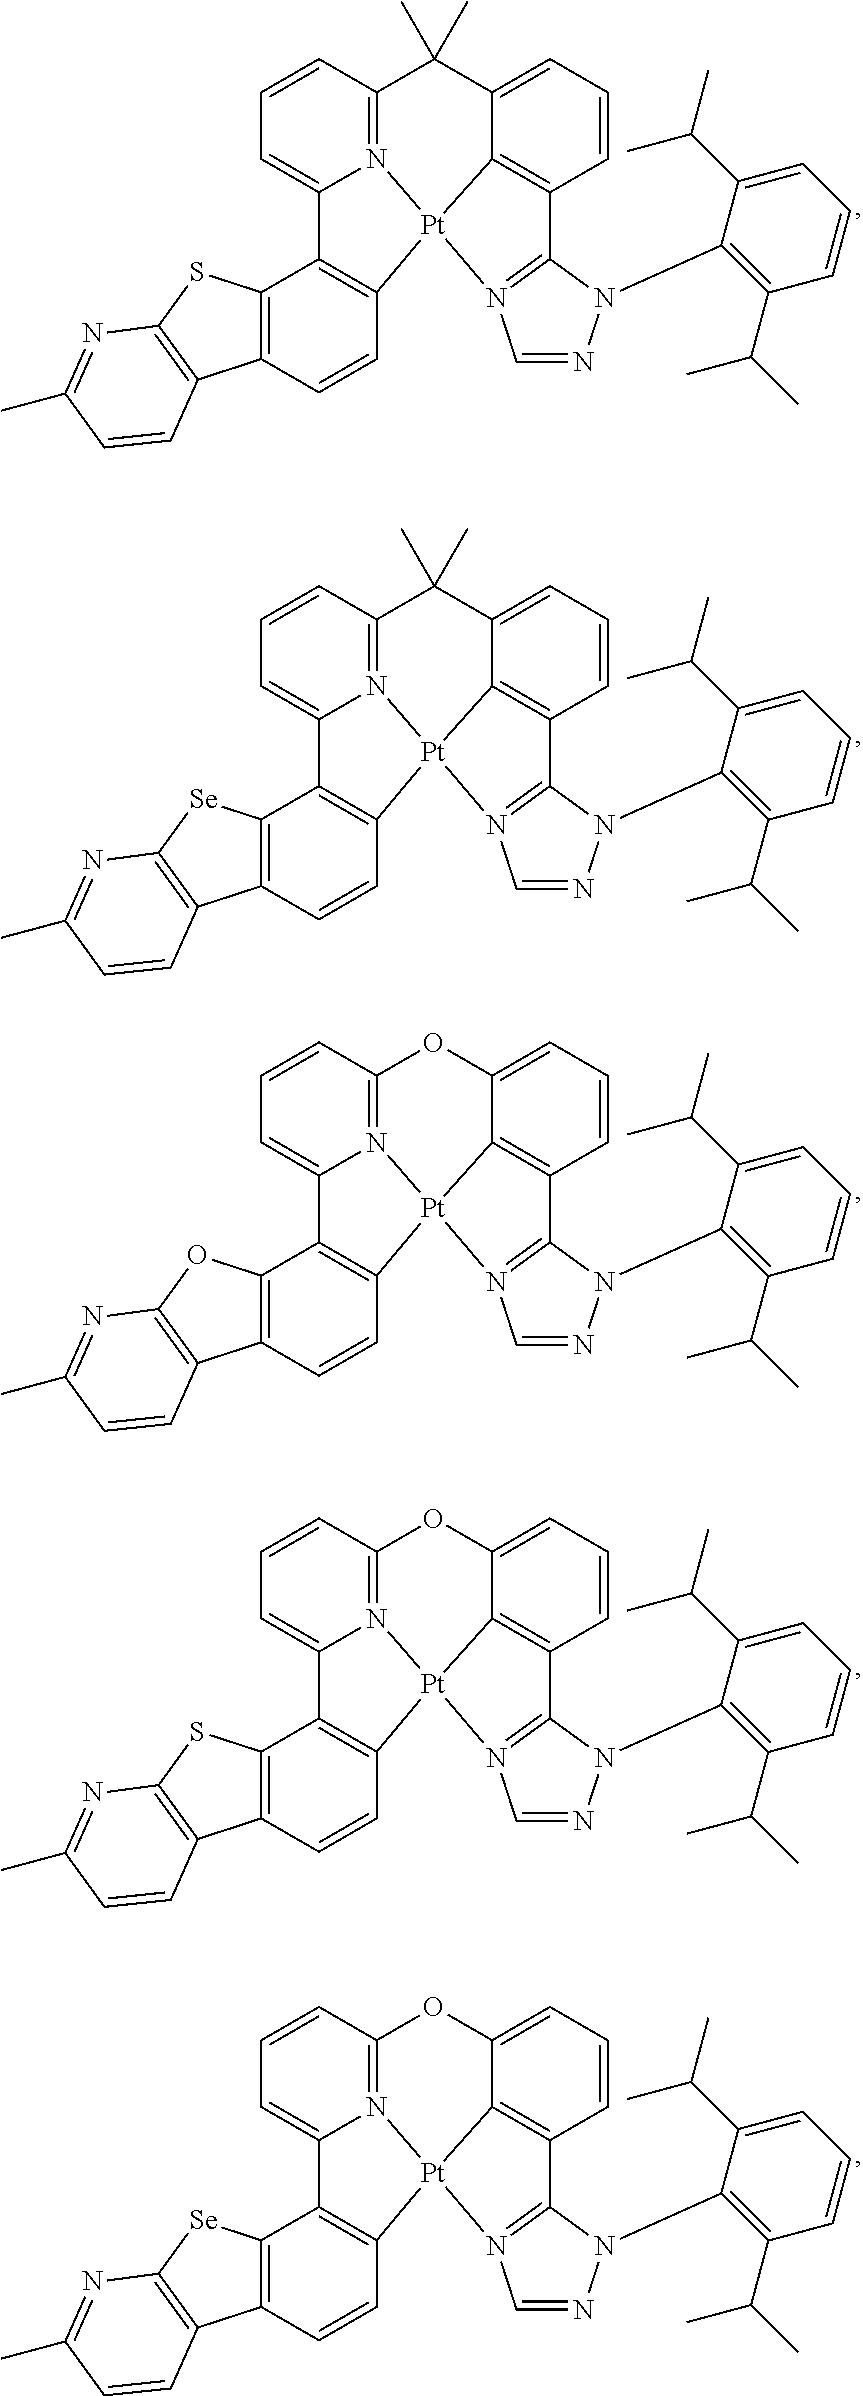 Figure US09871214-20180116-C00286